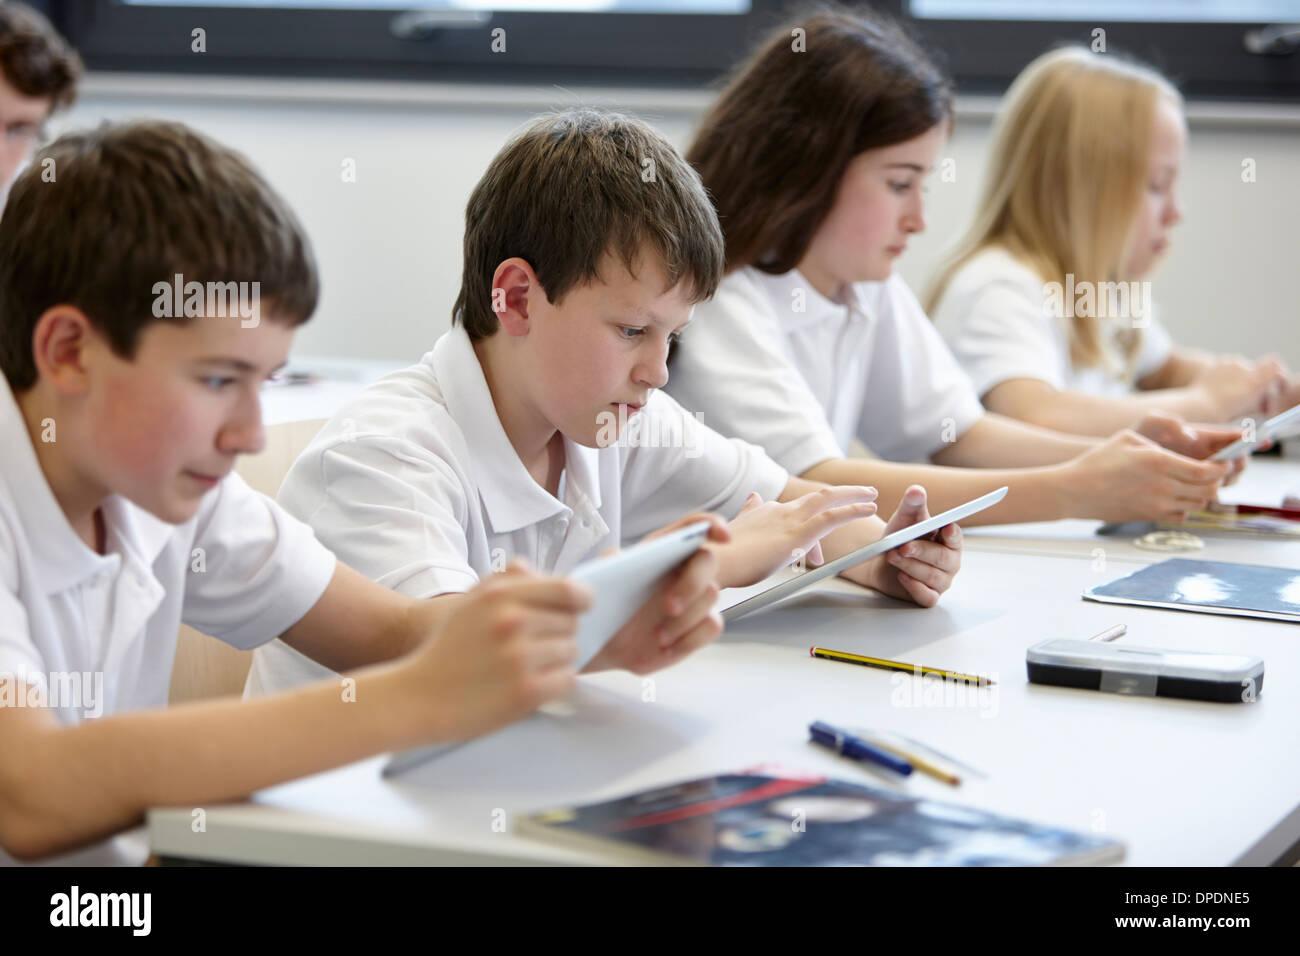 Fila de escolares que trabajan en clase Imagen De Stock